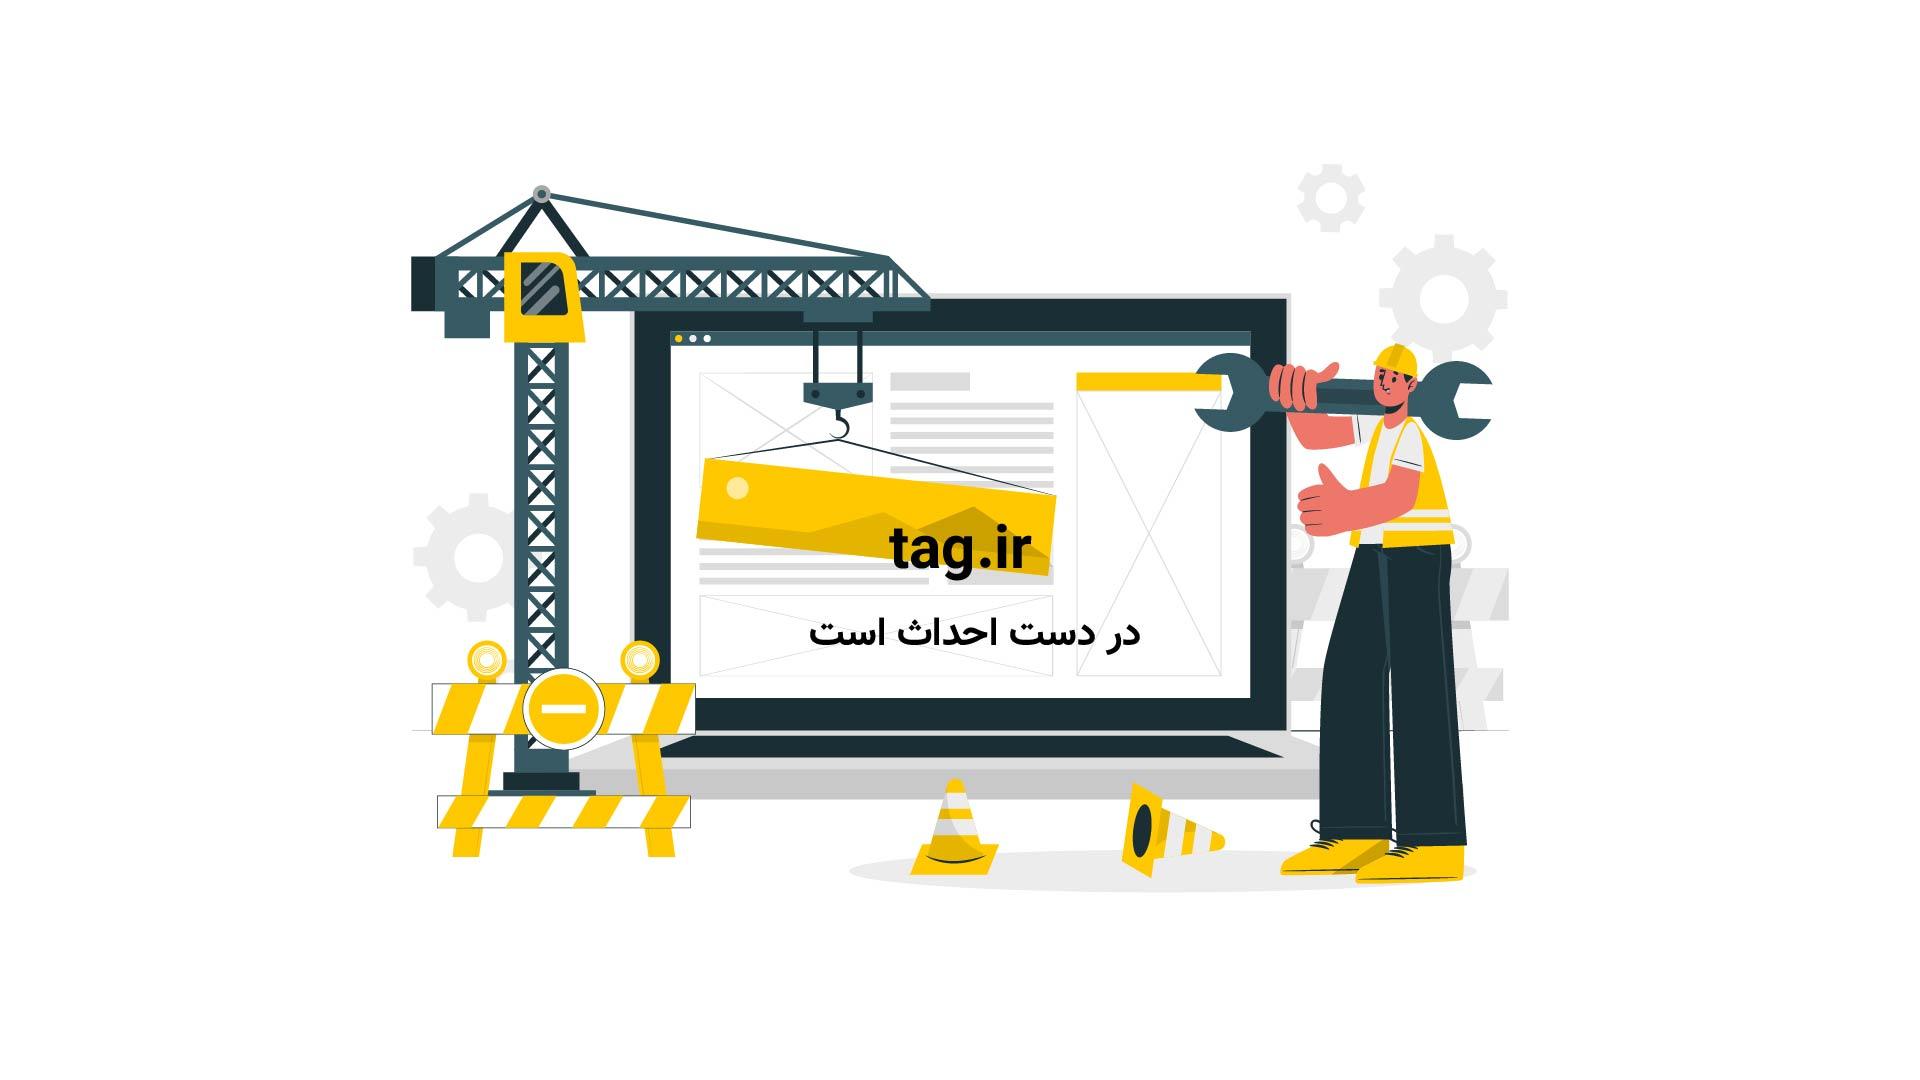 تکنیک نقاشی با آبرنگ؛ آموزش کشیدن جنگل کوهستانی | فیلم